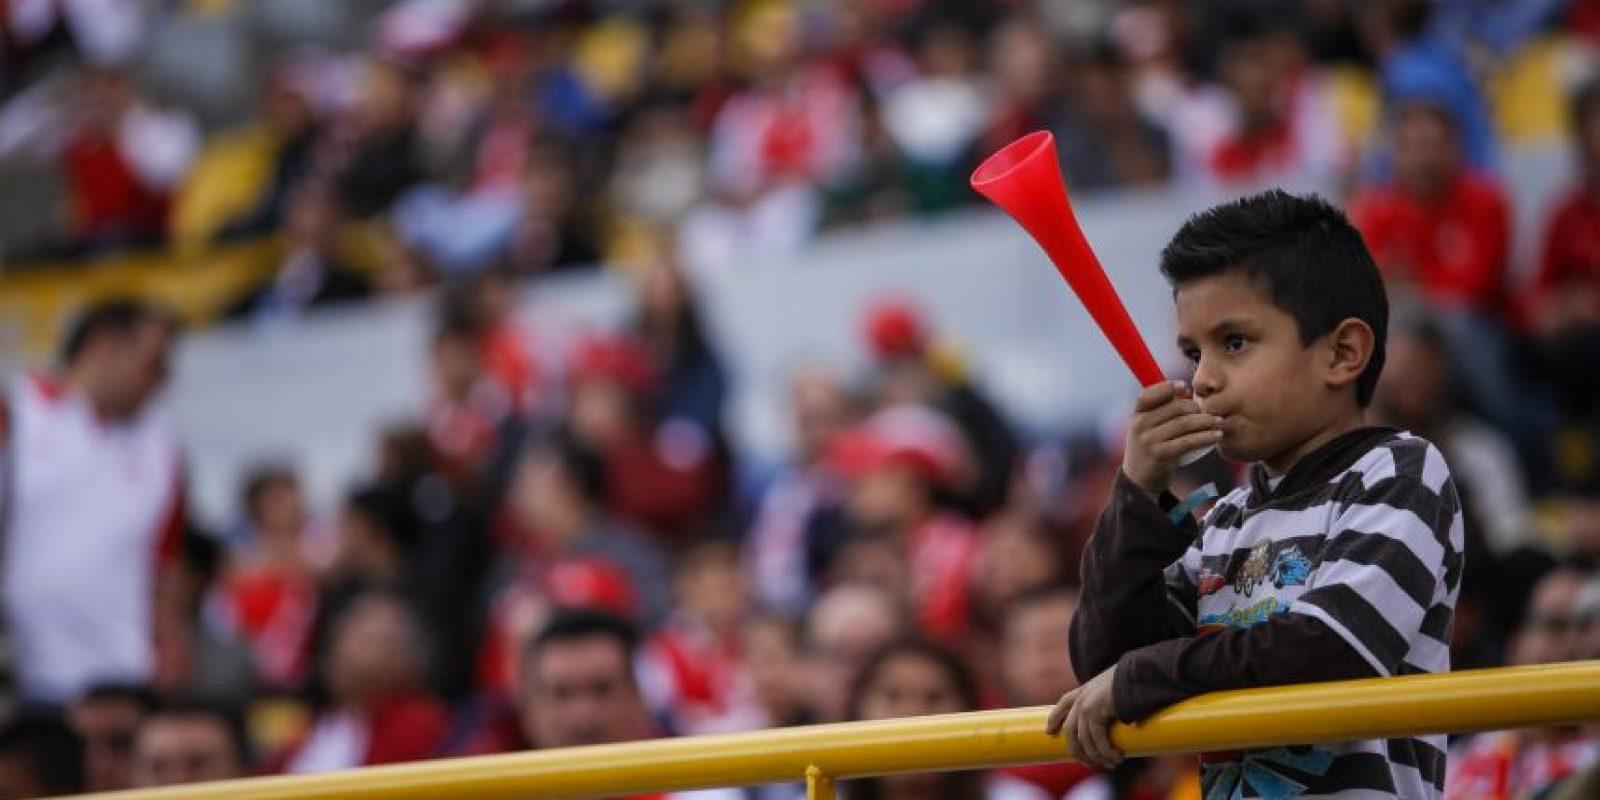 FOTO: Juan José Horta/PUBLIMETRO